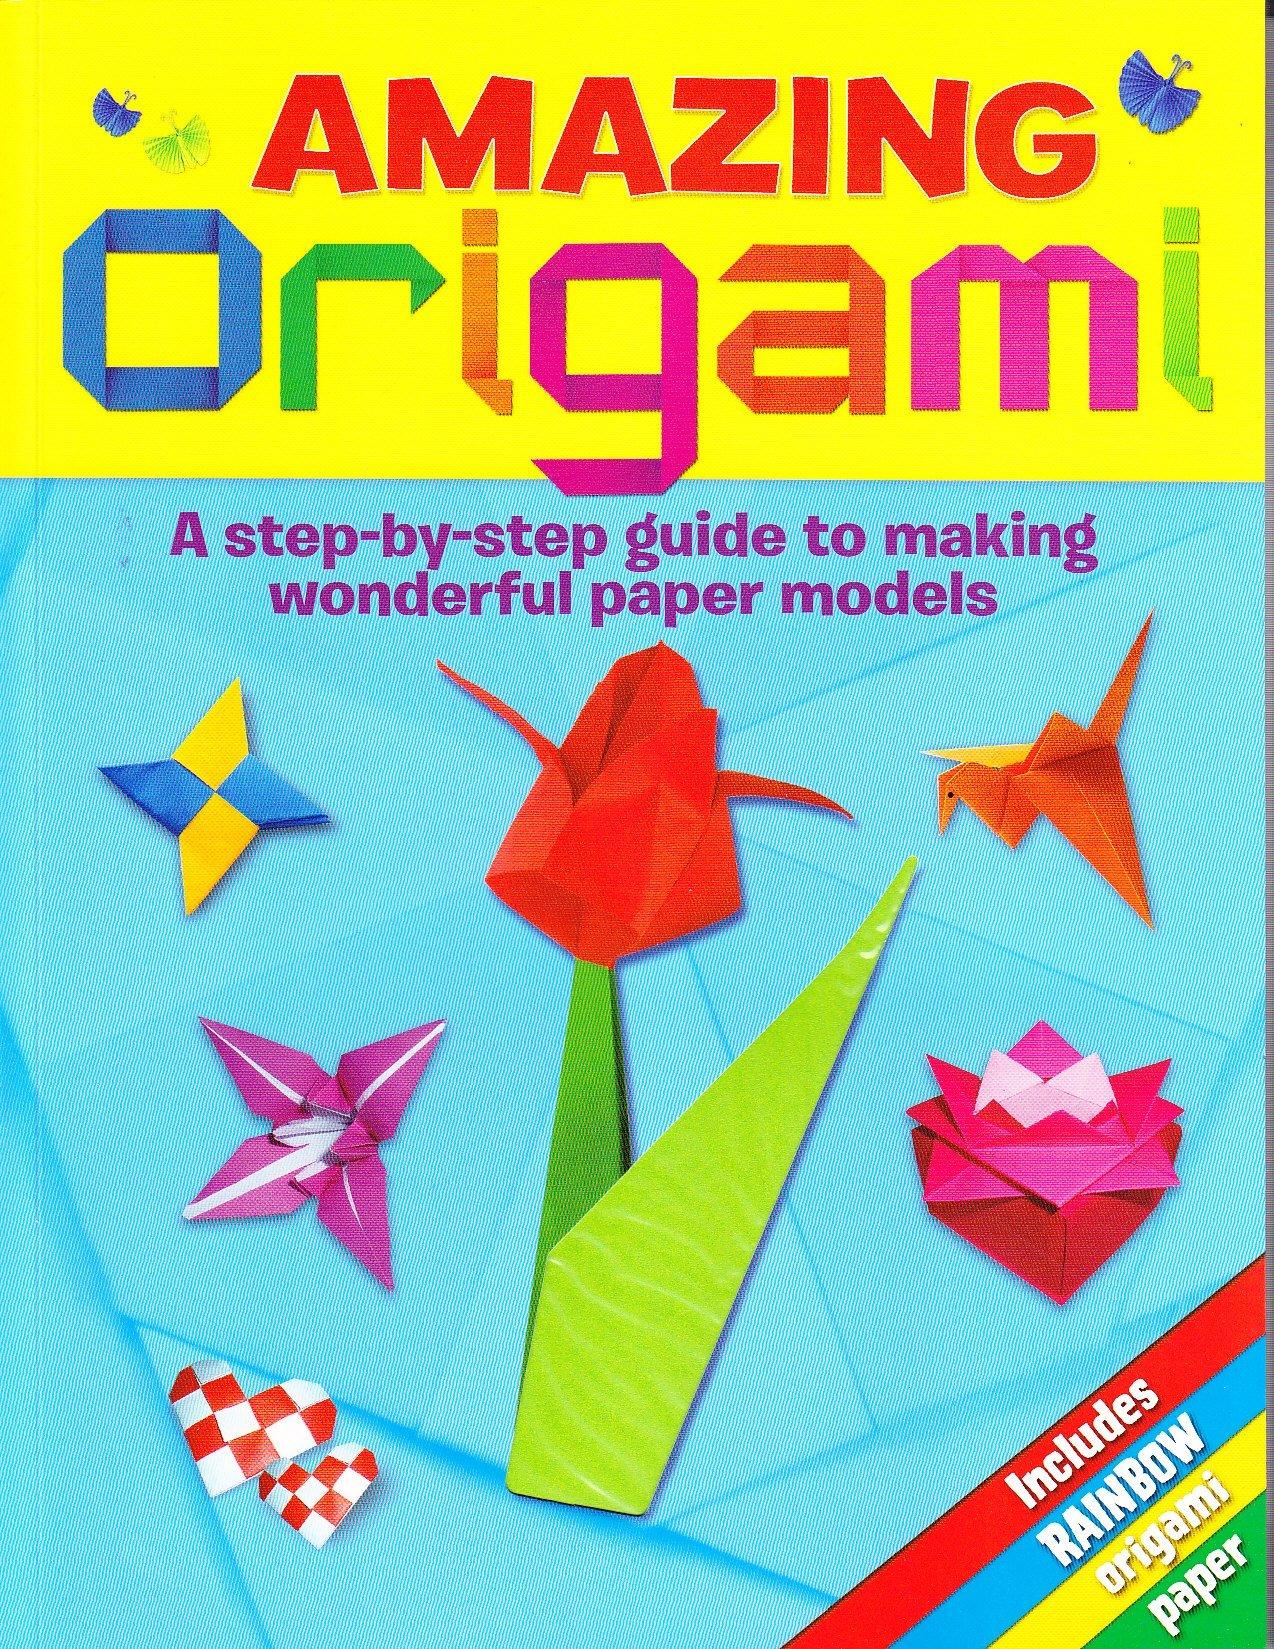 Amazing Origami Arcturus Publishing product image